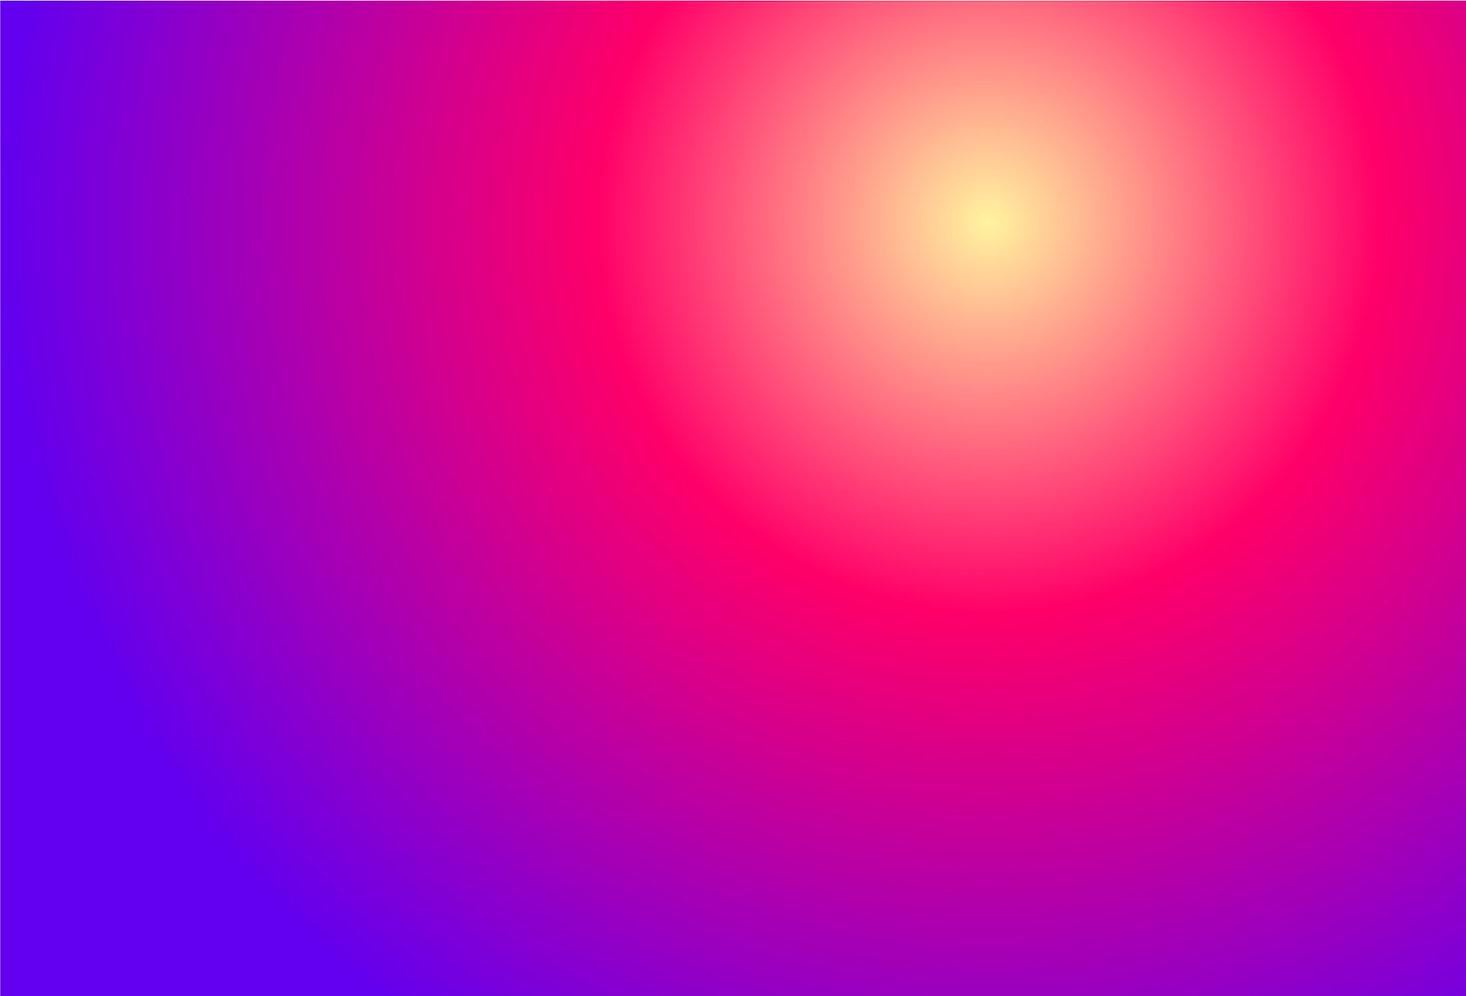 gradient color, image